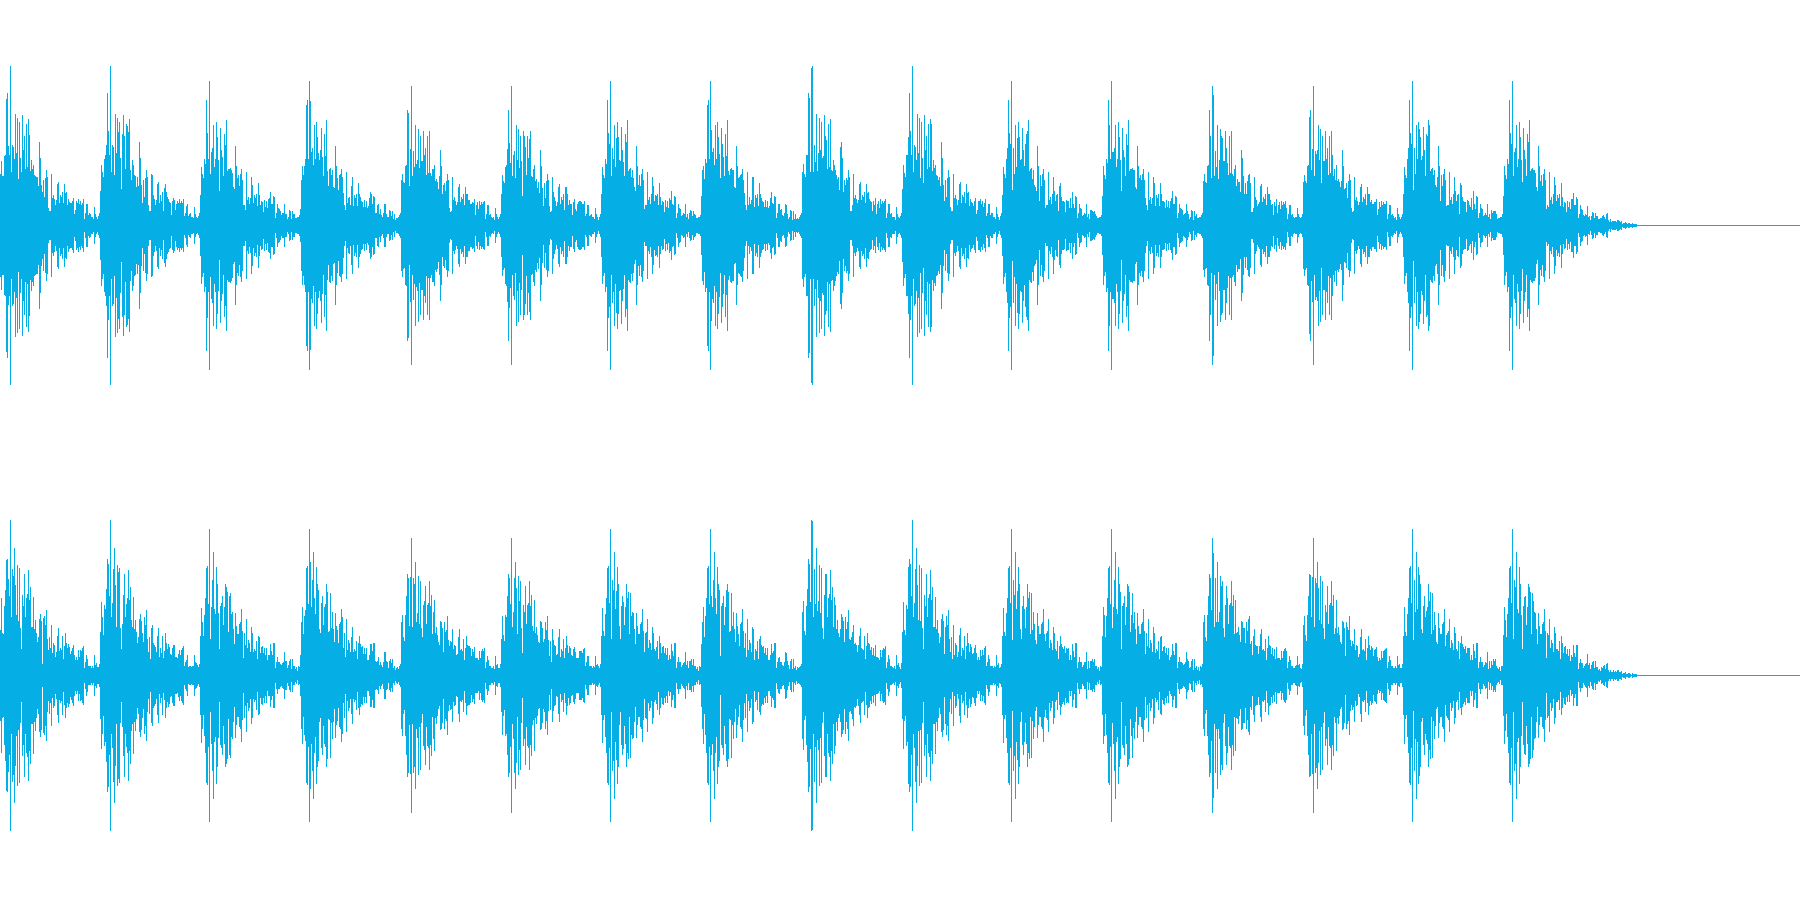 どんどん(巨人、速歩き)A12の再生済みの波形